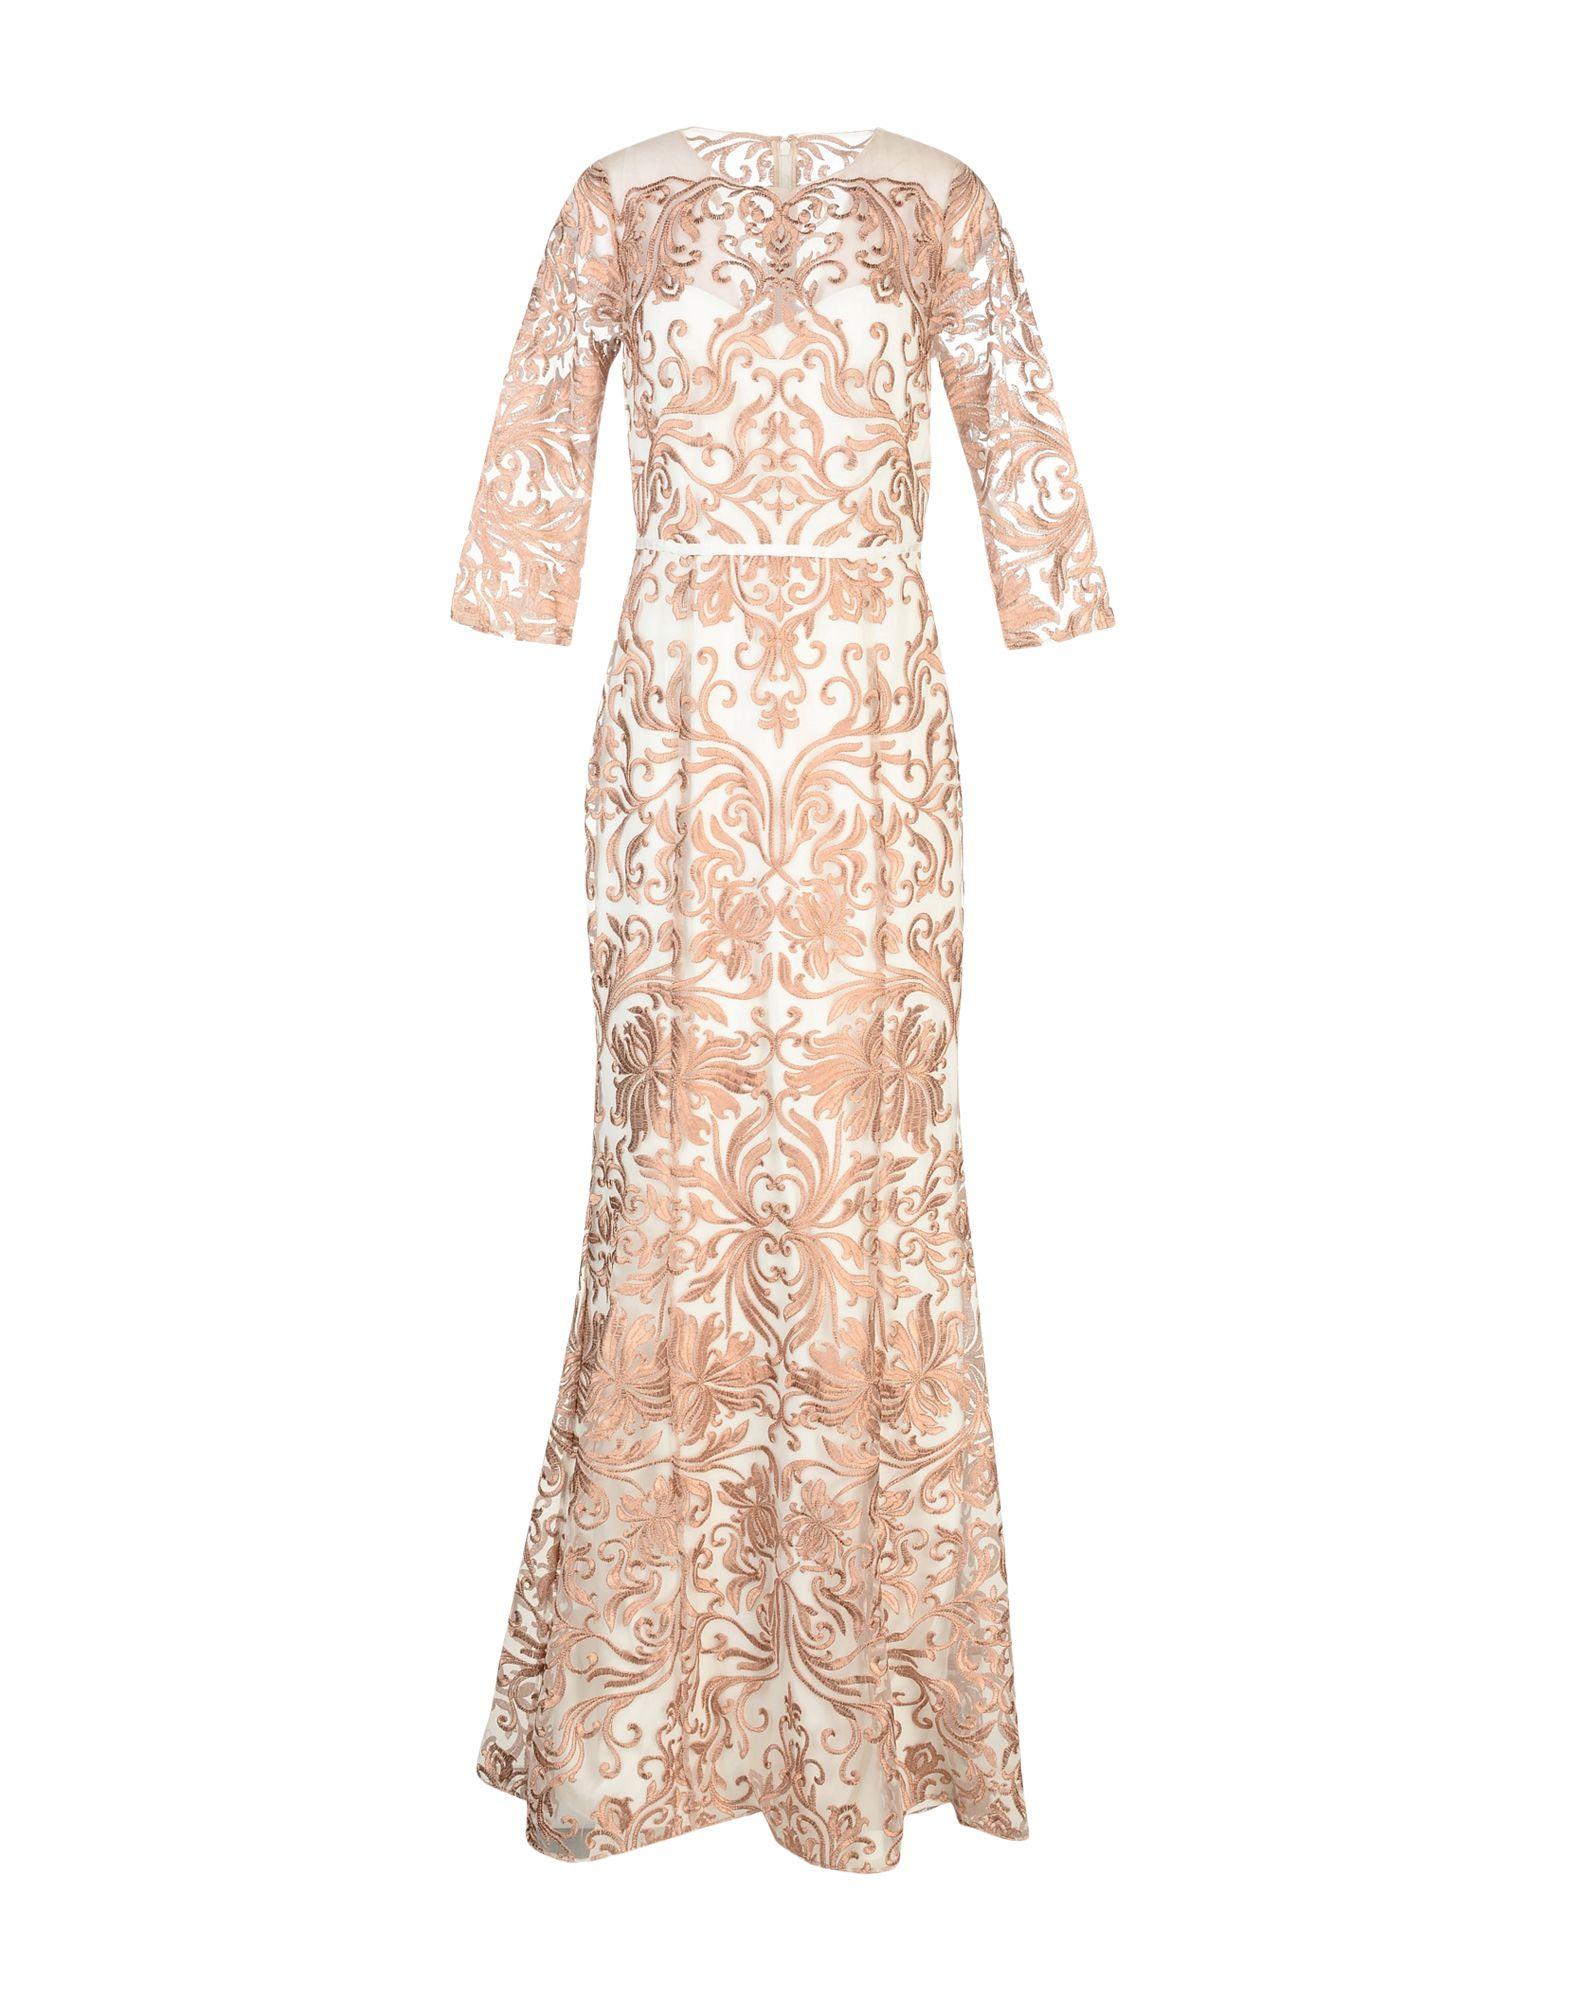 d6293a6edd Buy marchesa clothing for women - Best women's marchesa clothing shop -  Cools.com